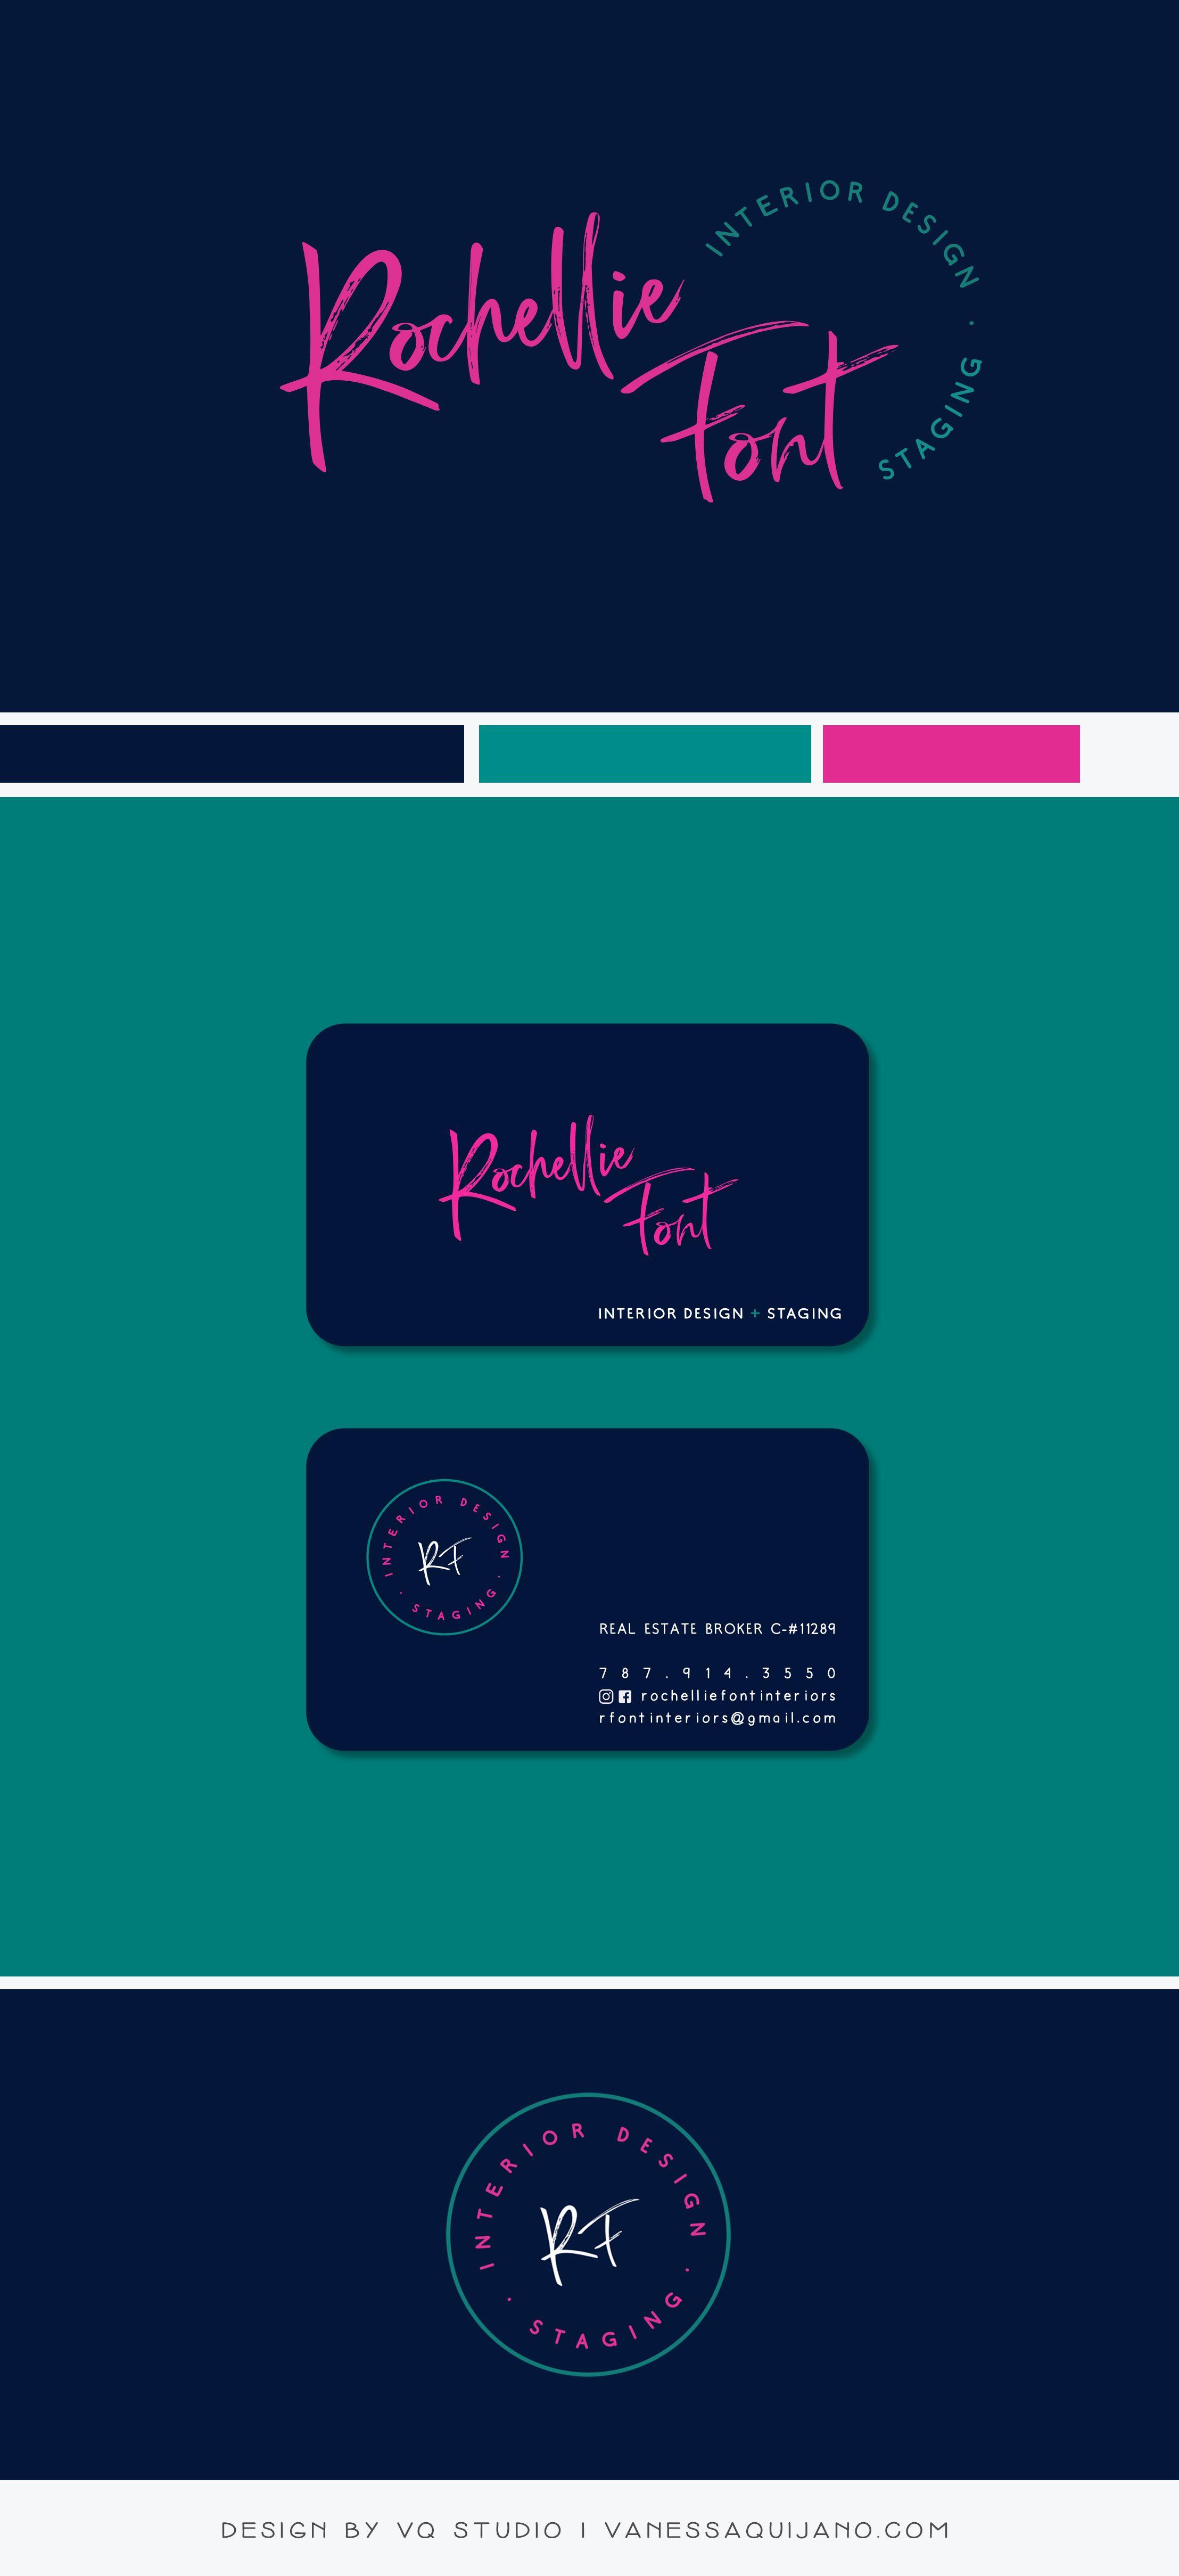 New In Portfolio Rochellie Font Mini Brand Identity Vq Studio